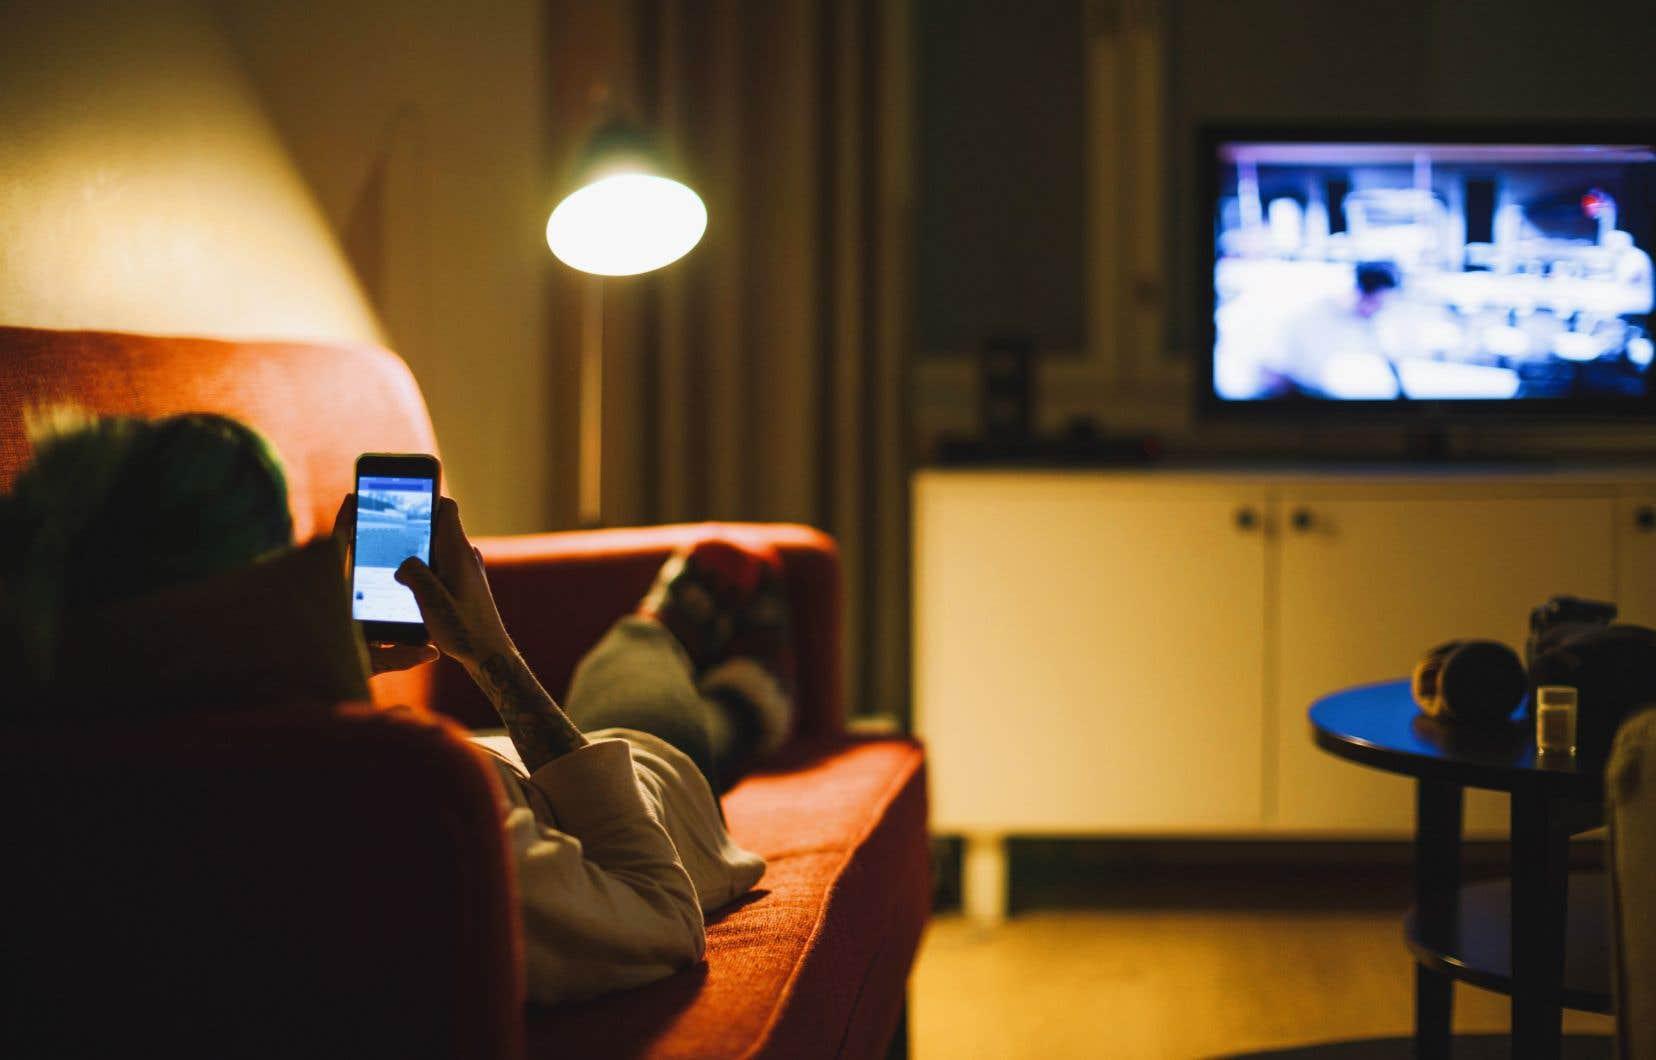 La moyenne des dépenses québécoises annuelles pour les téléchargements et les services en ligne est de 44$.